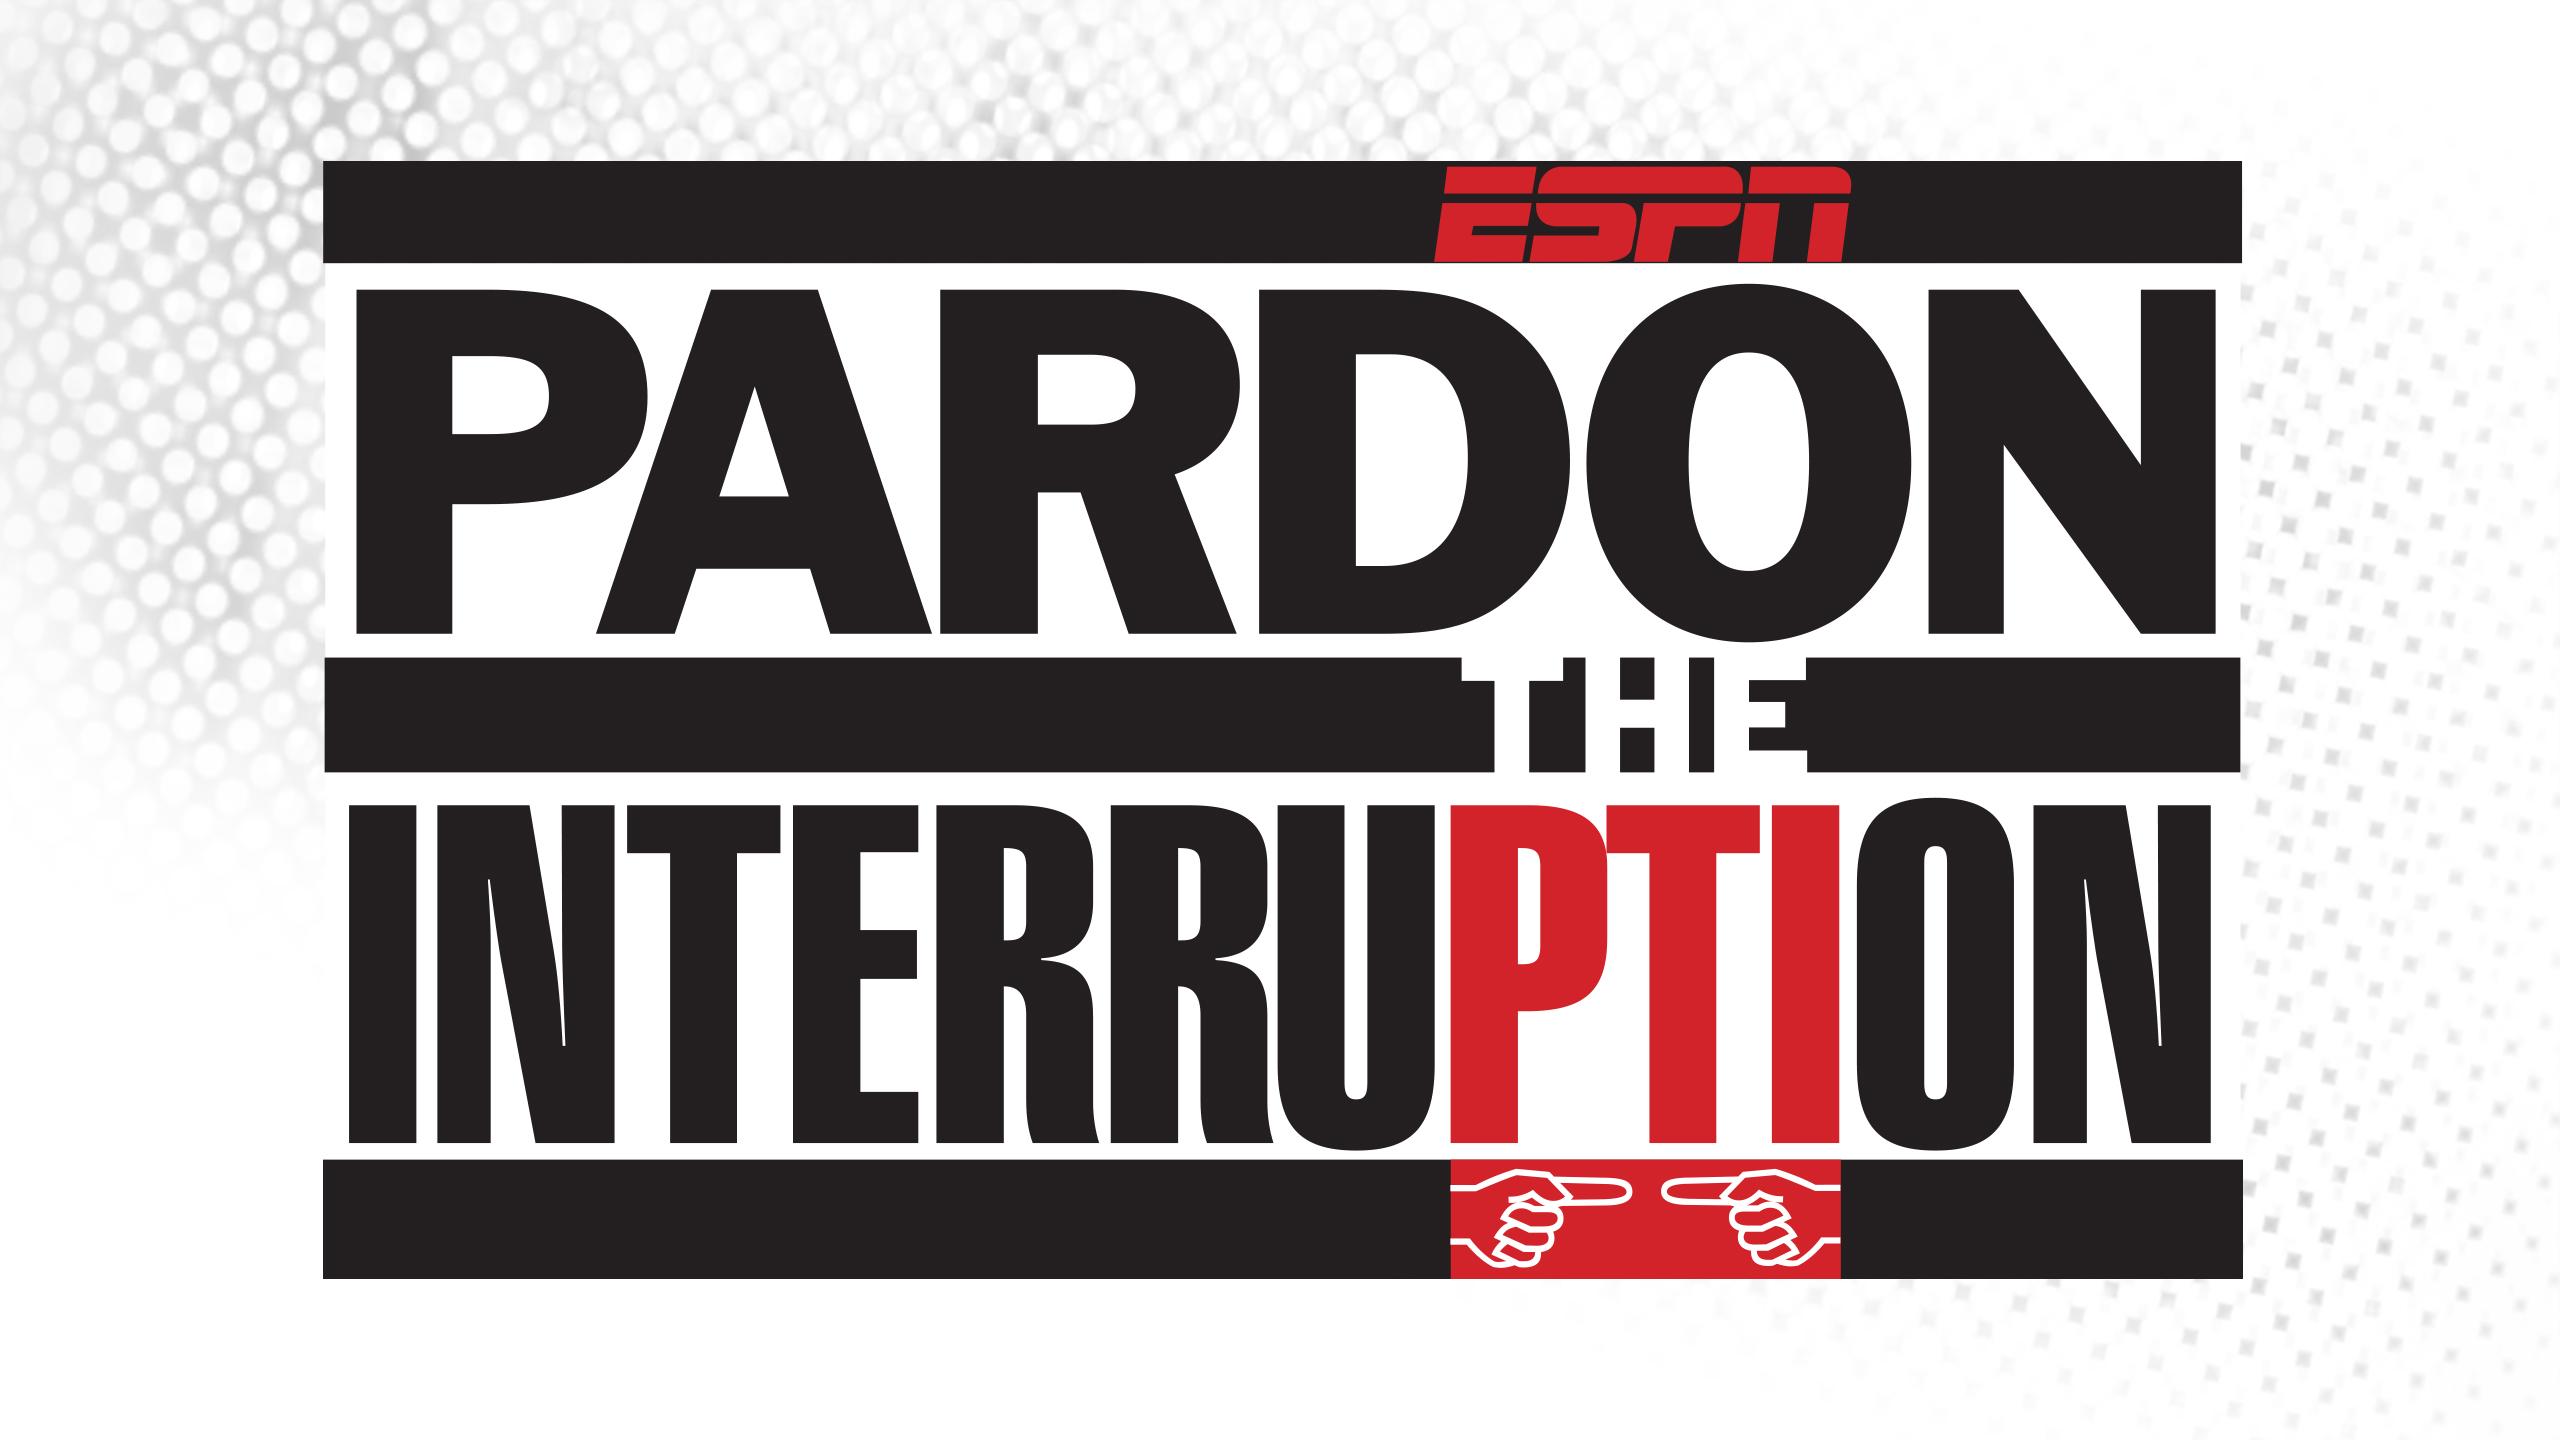 Mon, 12/17 - Pardon The Interruption